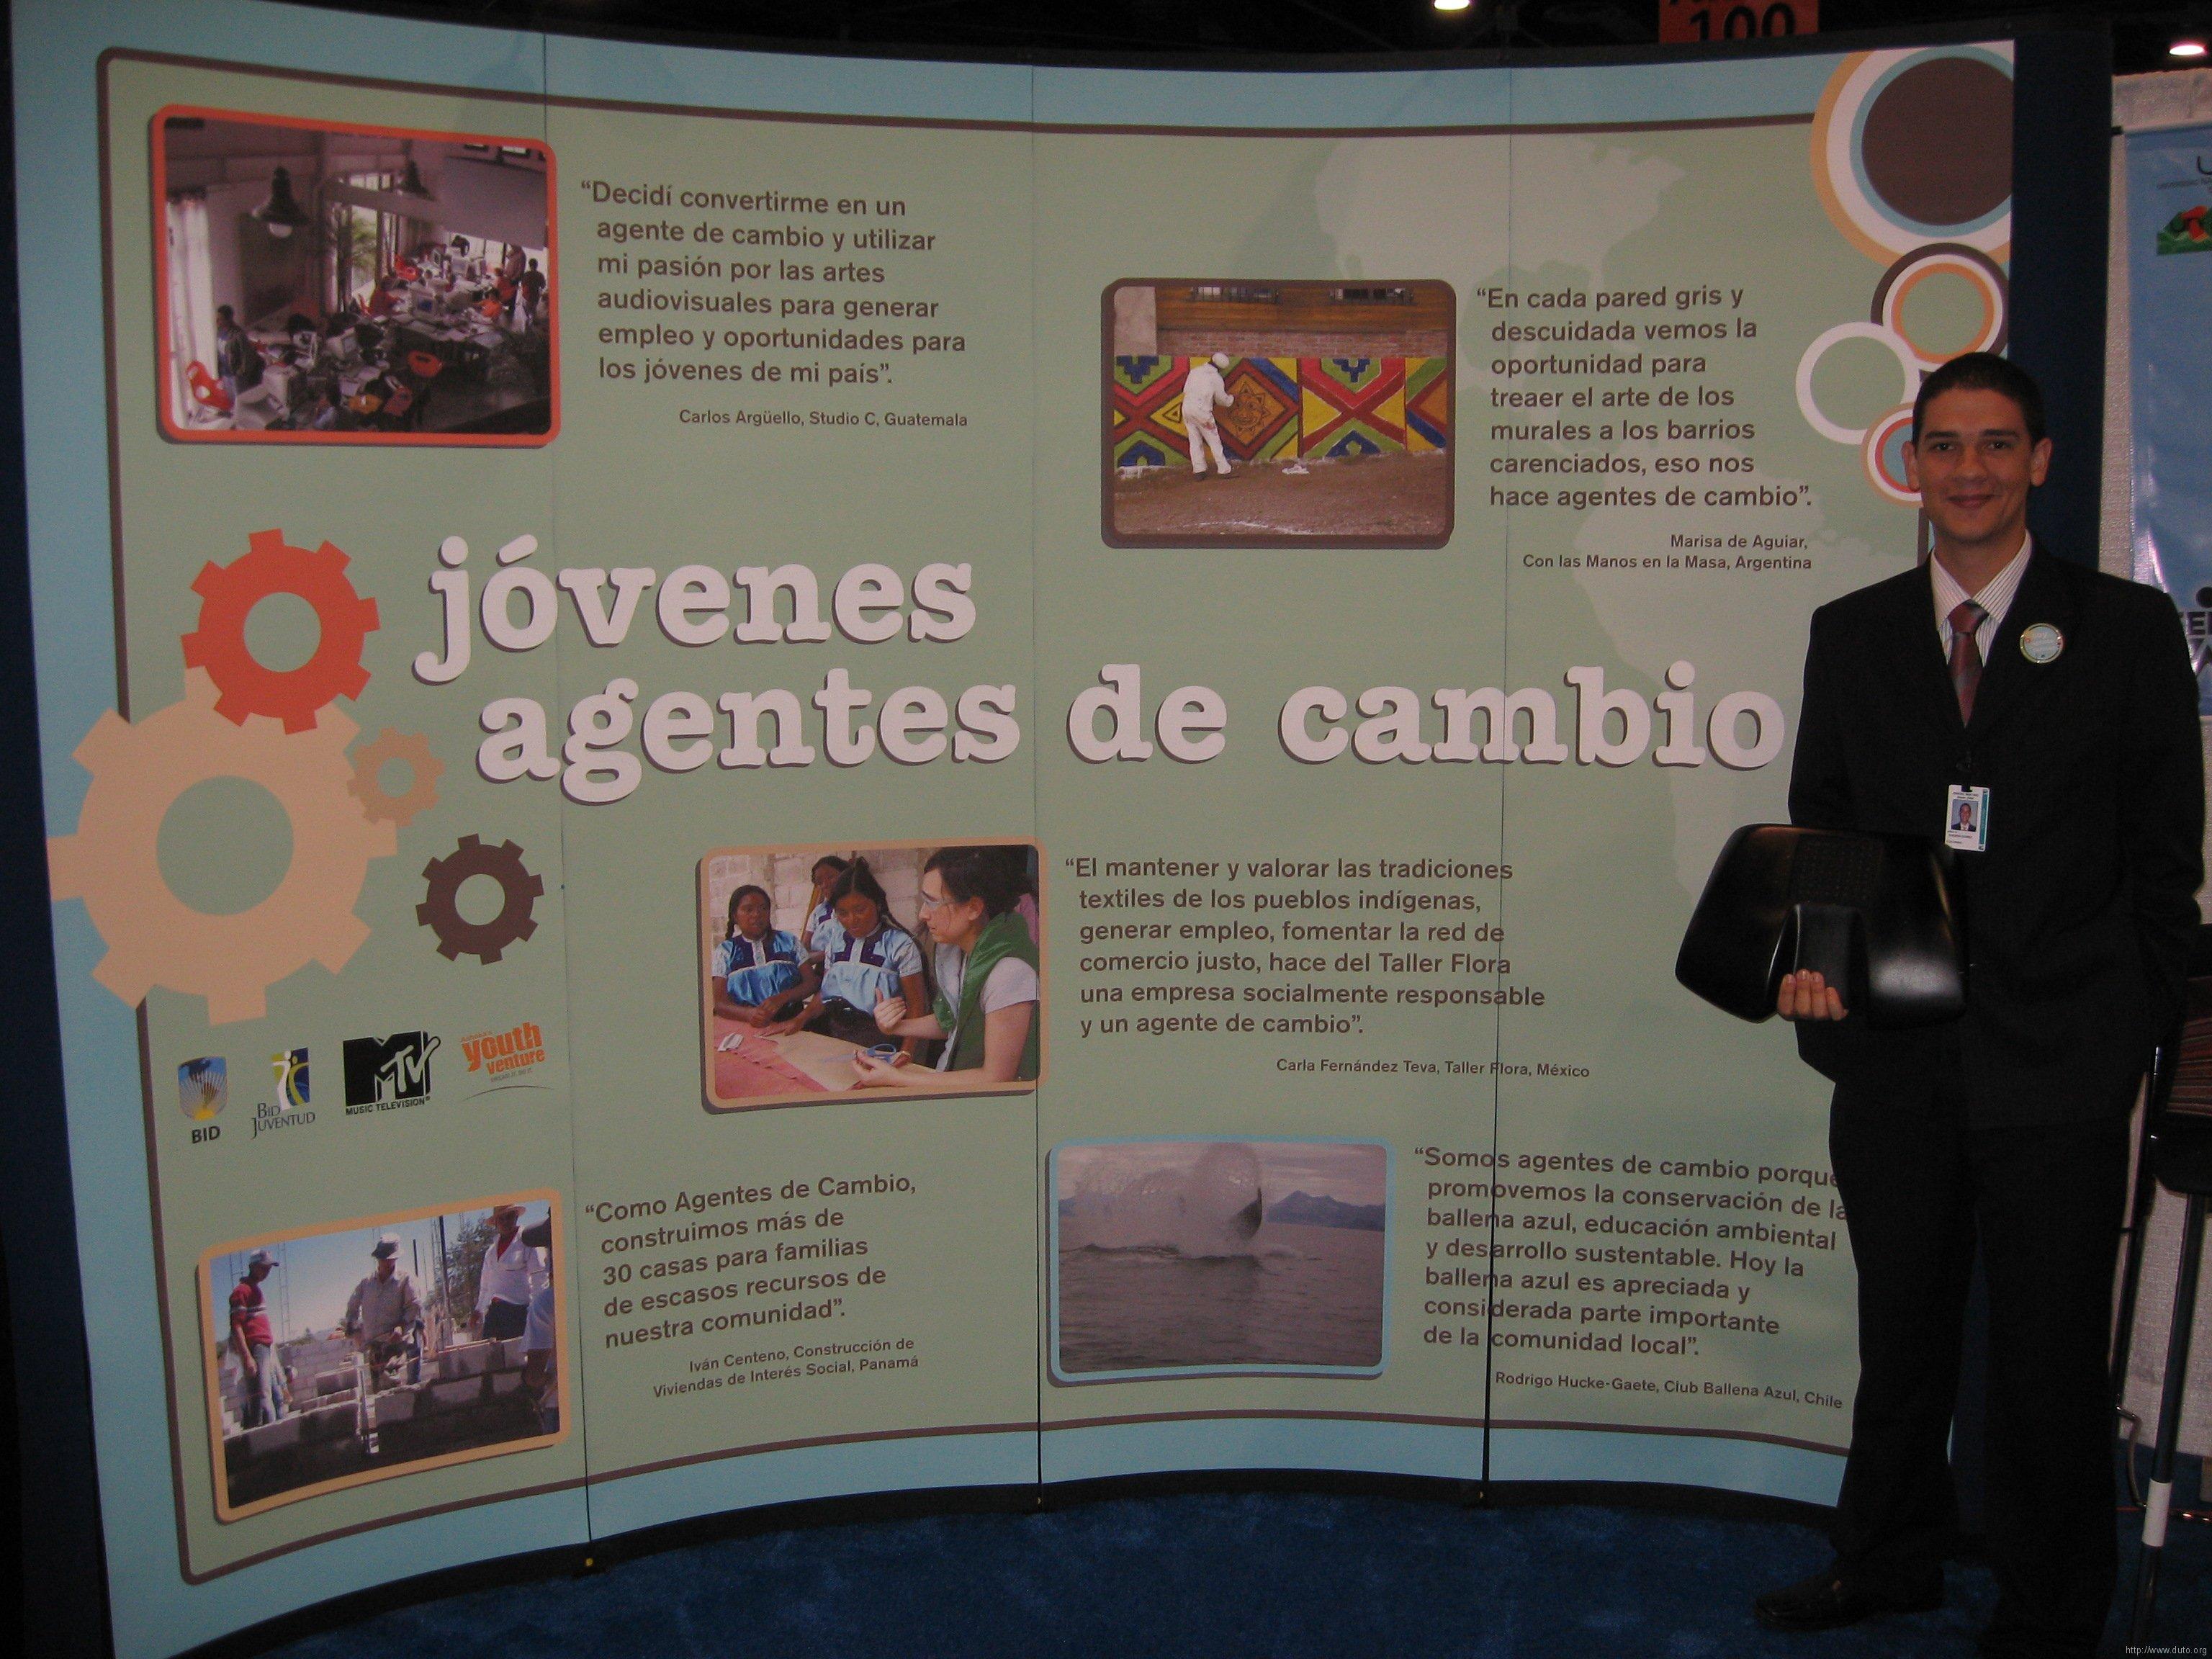 IRIS-en-el-foro-del-BID-Agentes-de-Cambio